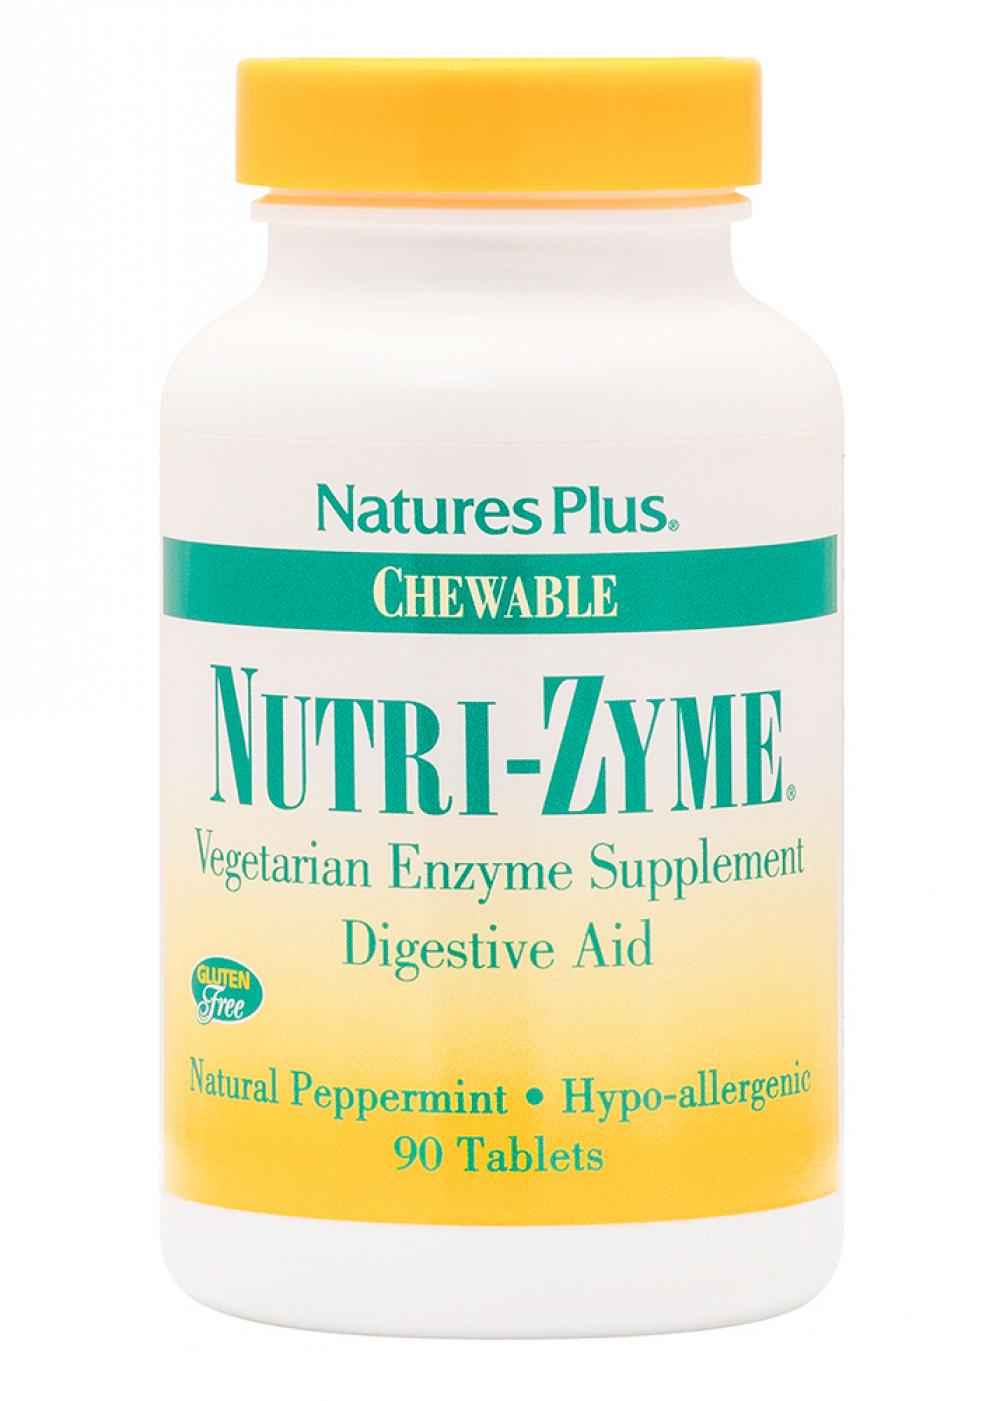 Natures Plus Nutri-Zyme Chewable Digestive Aid  90 veg. Kautabletten